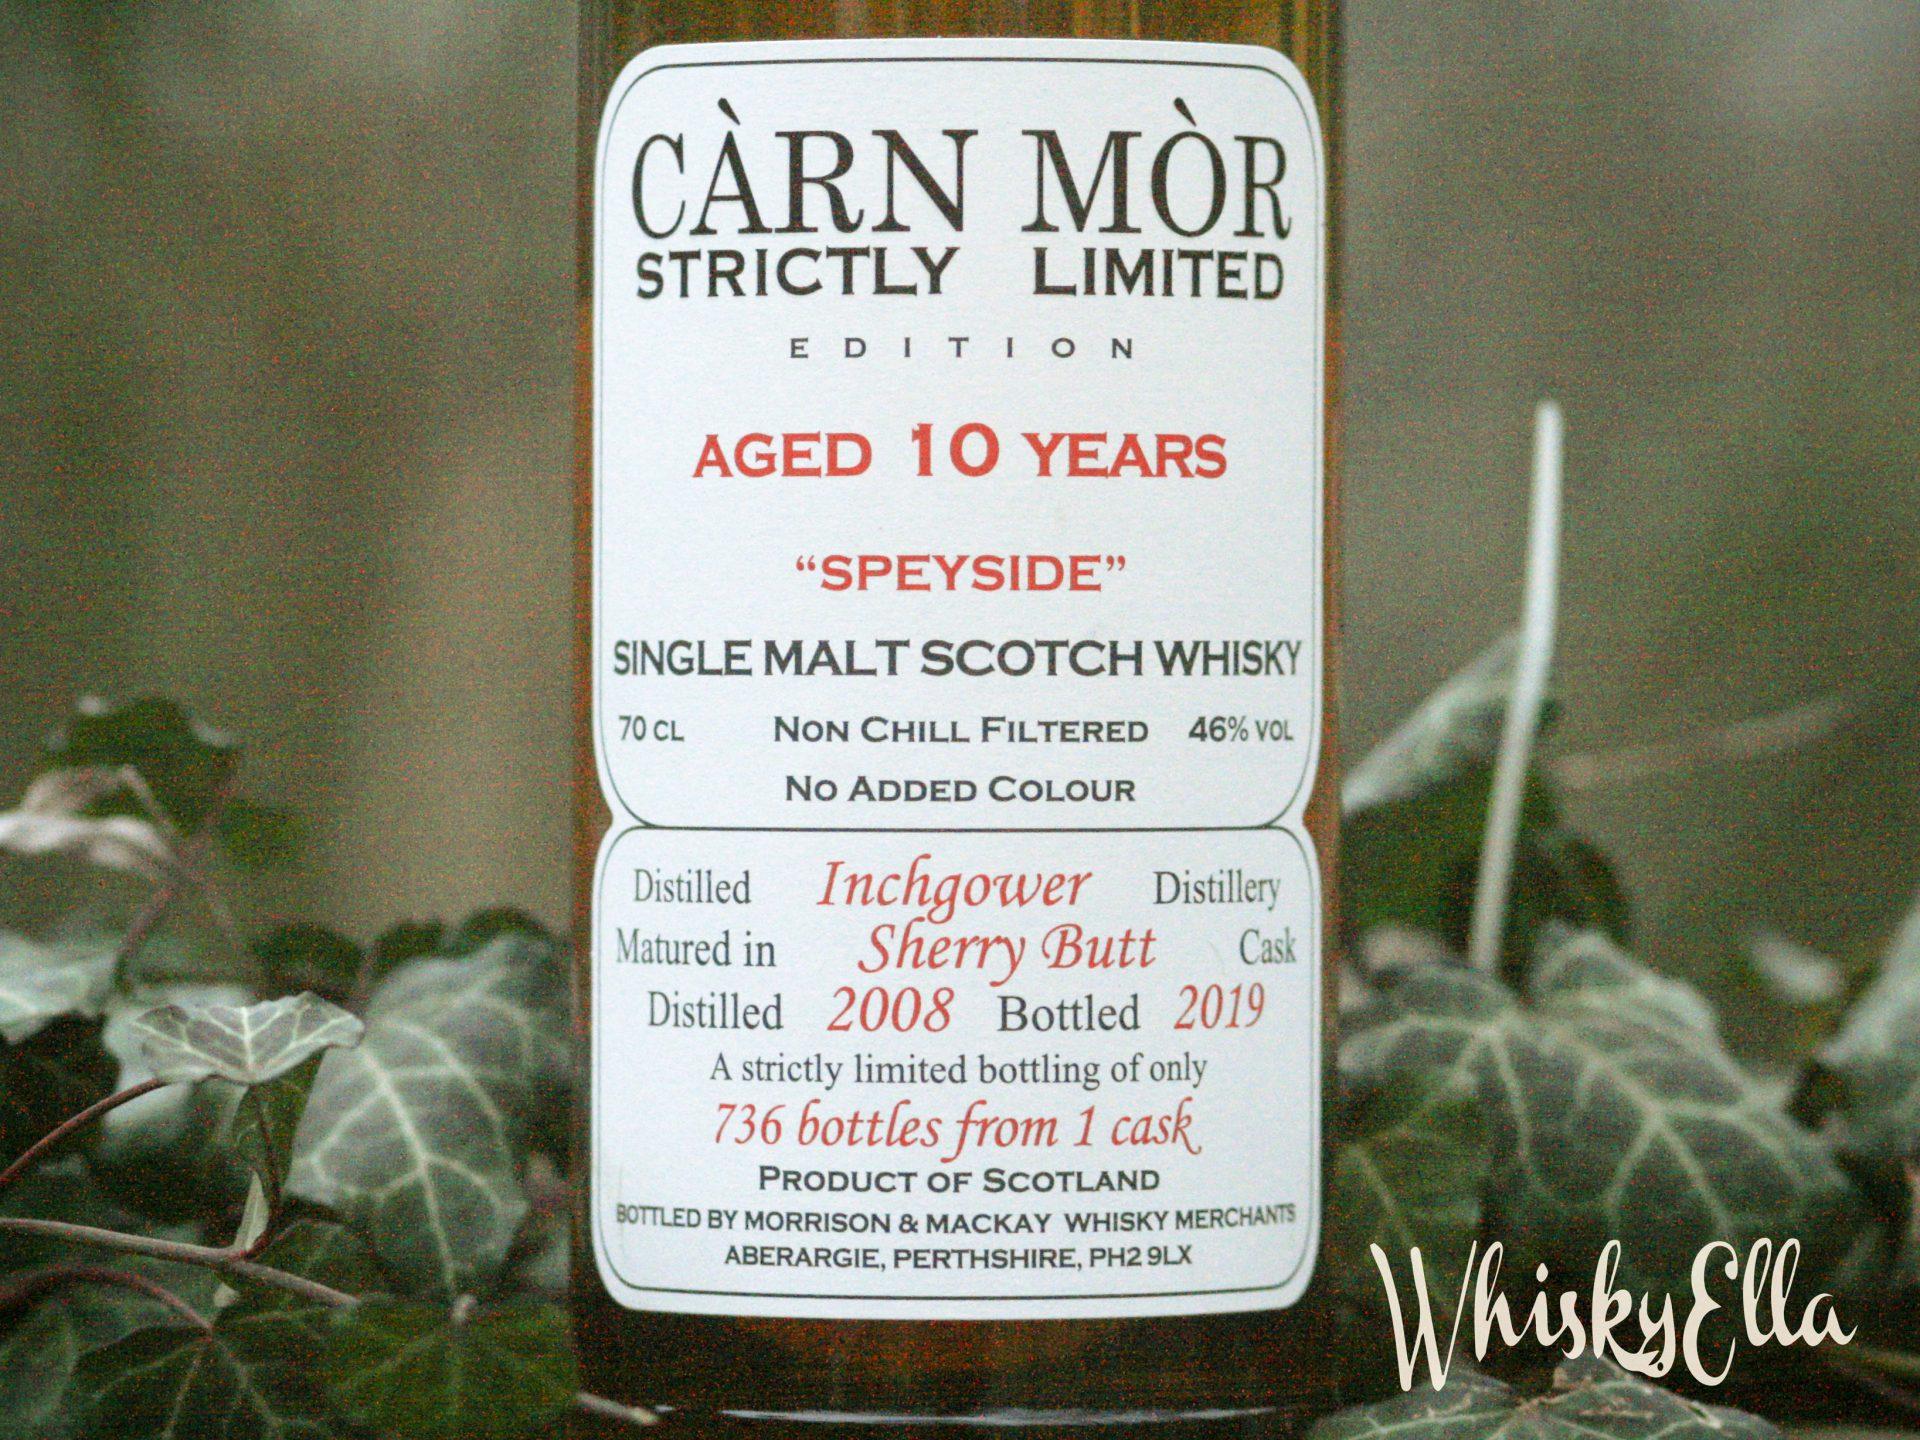 Nasza recenzja Inchgower 10 yo Carn Mor Strictly Limited #108